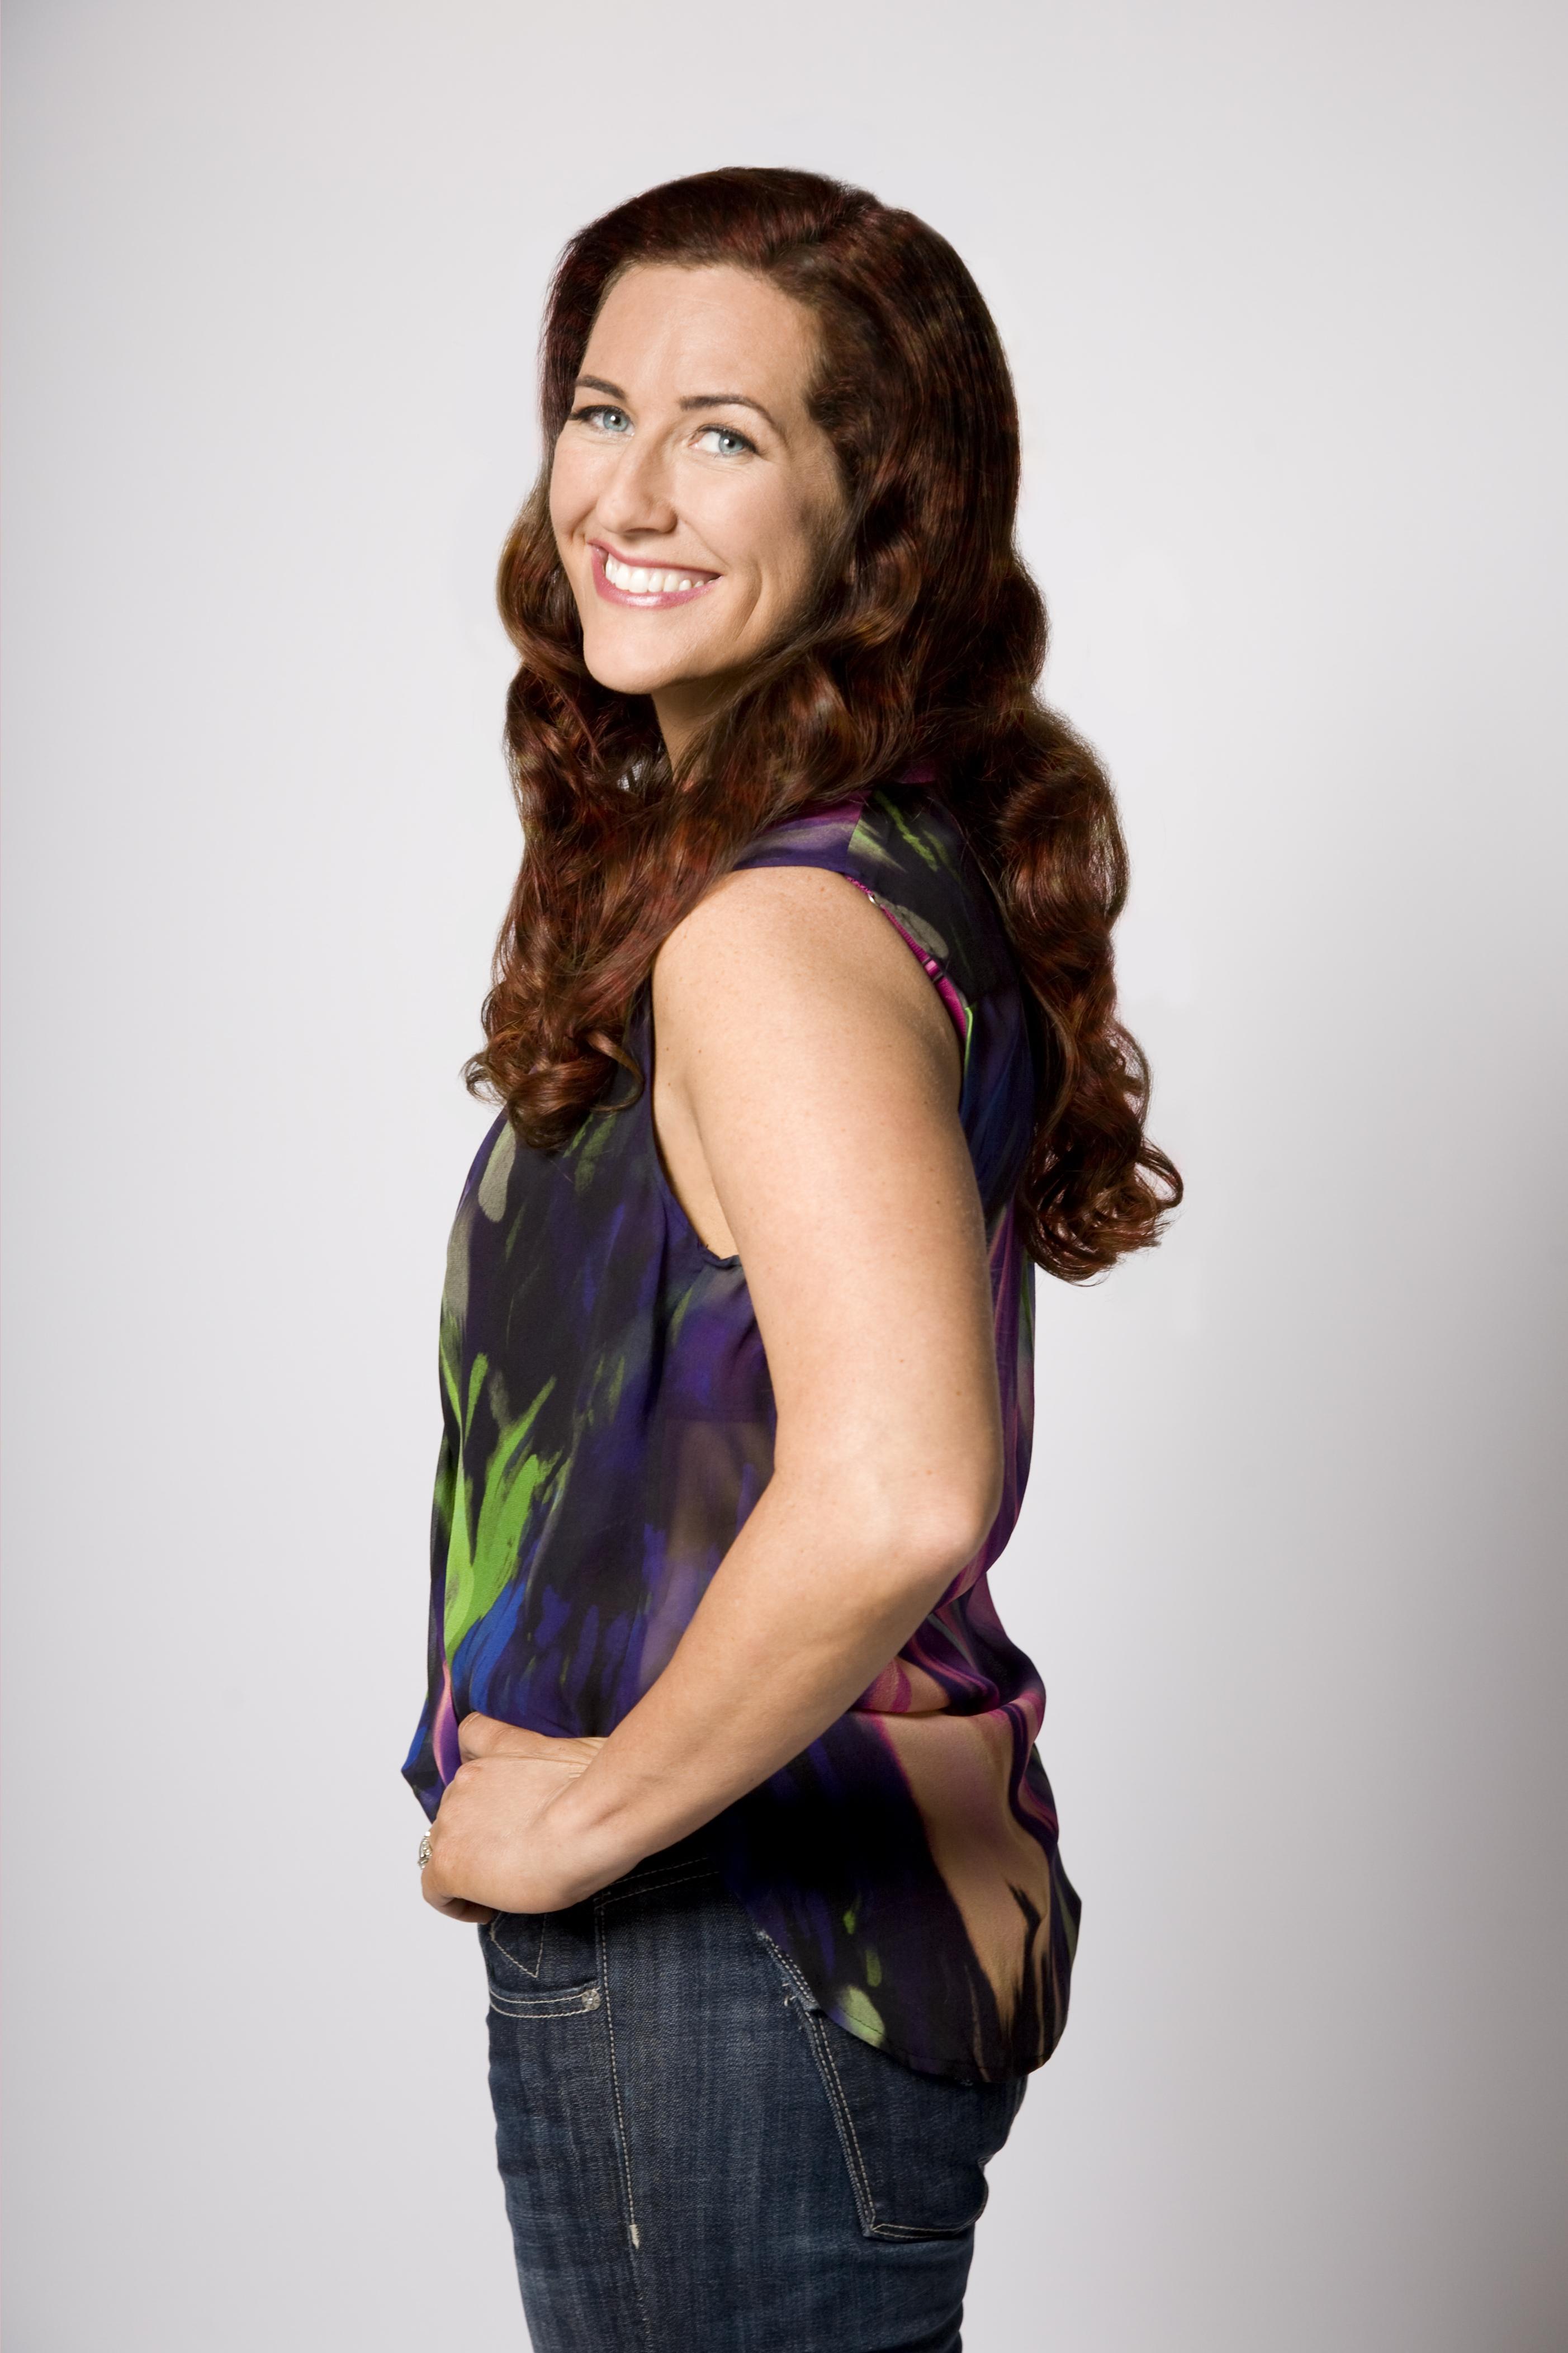 Susan Kellner